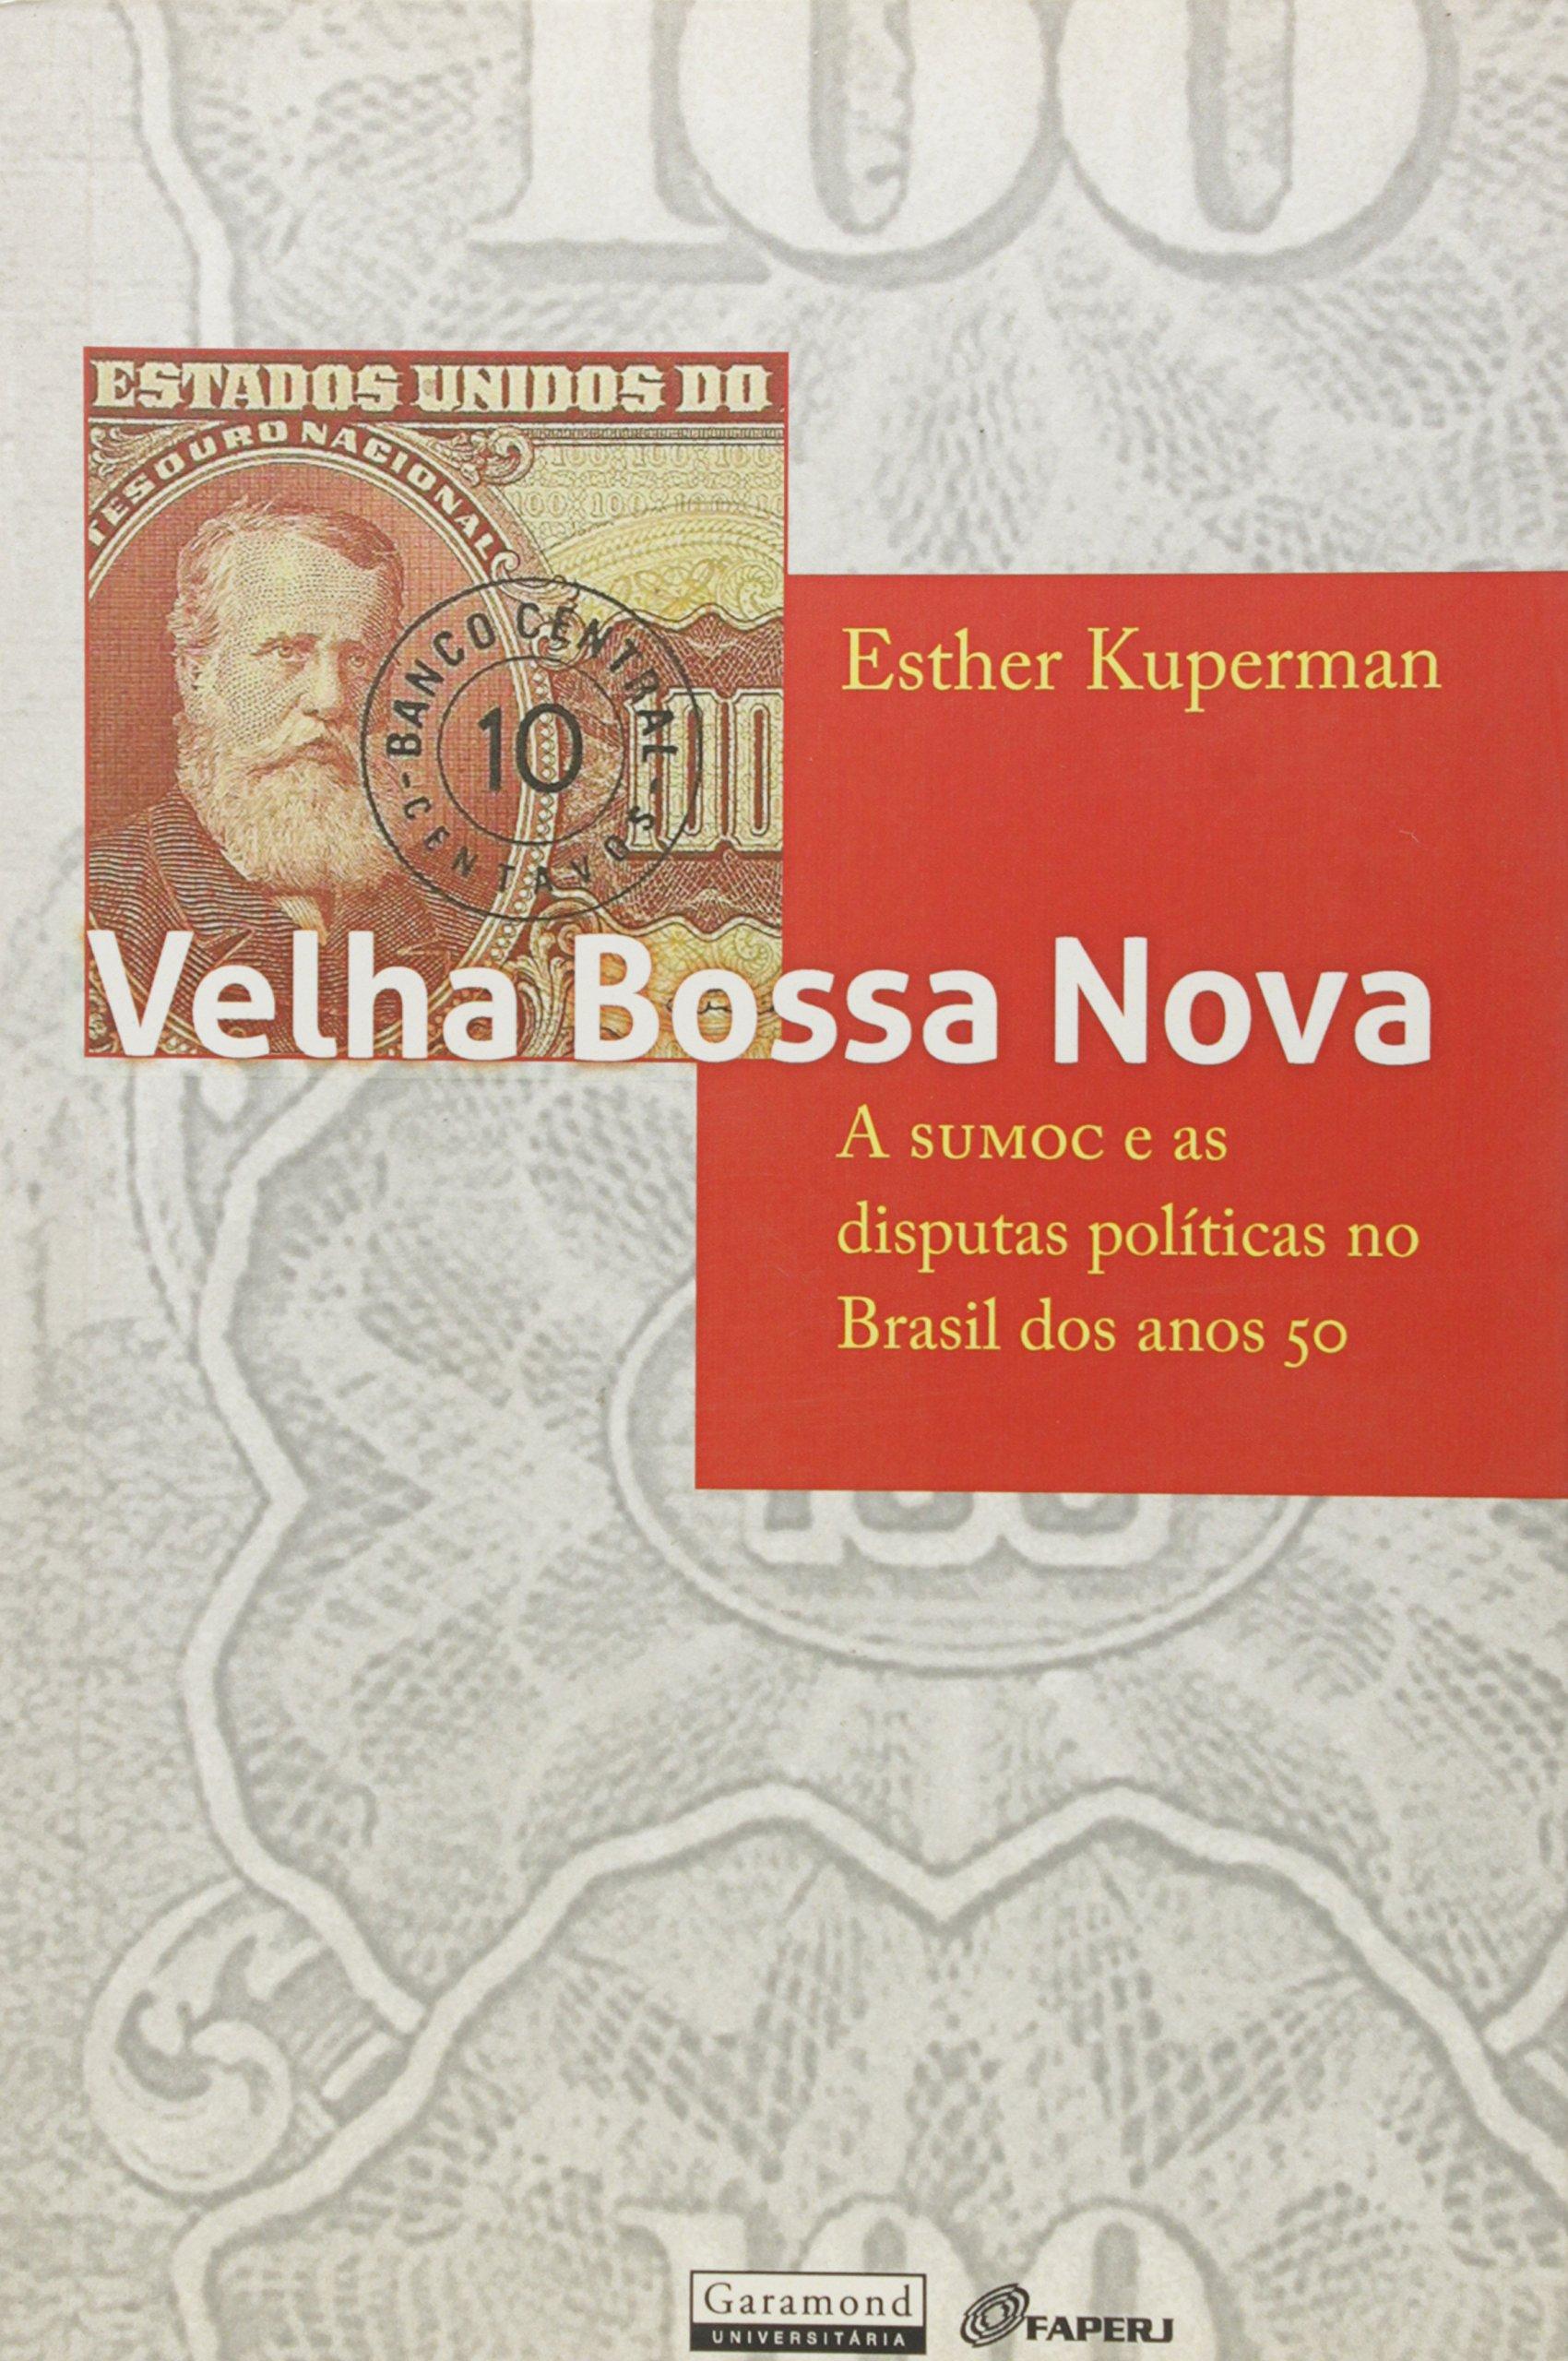 Velha Bossa Nova: A Sumoc e as Disputas Politicas no Brasil dos Anos 50 ebook